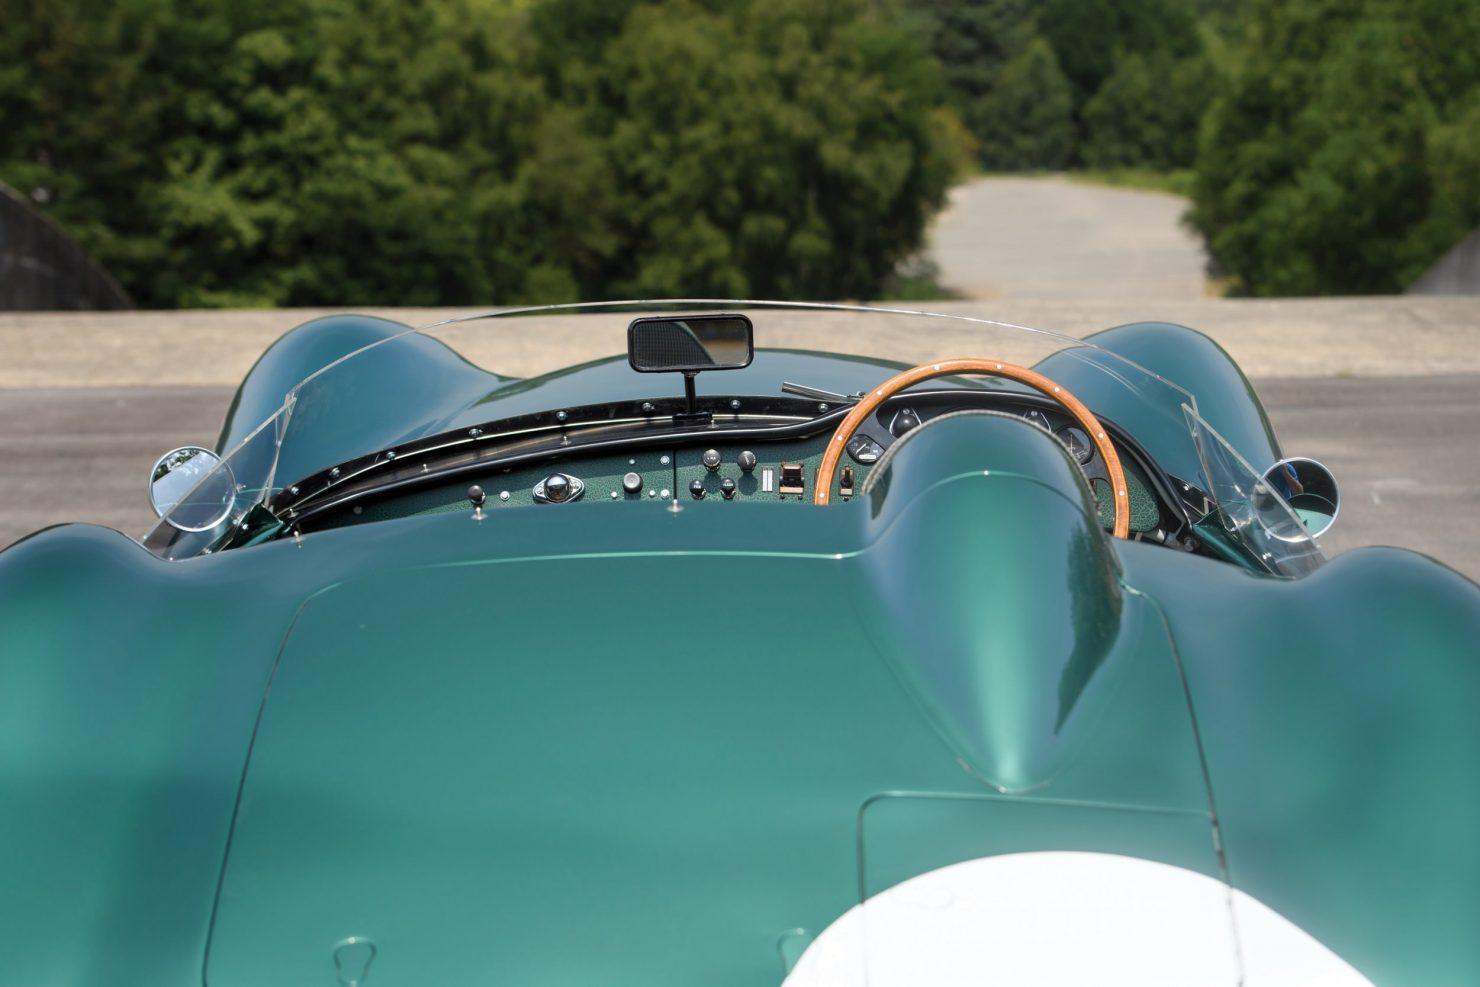 aston martin dbr1 14 1480x987 - 1956 Aston Martin DBR1